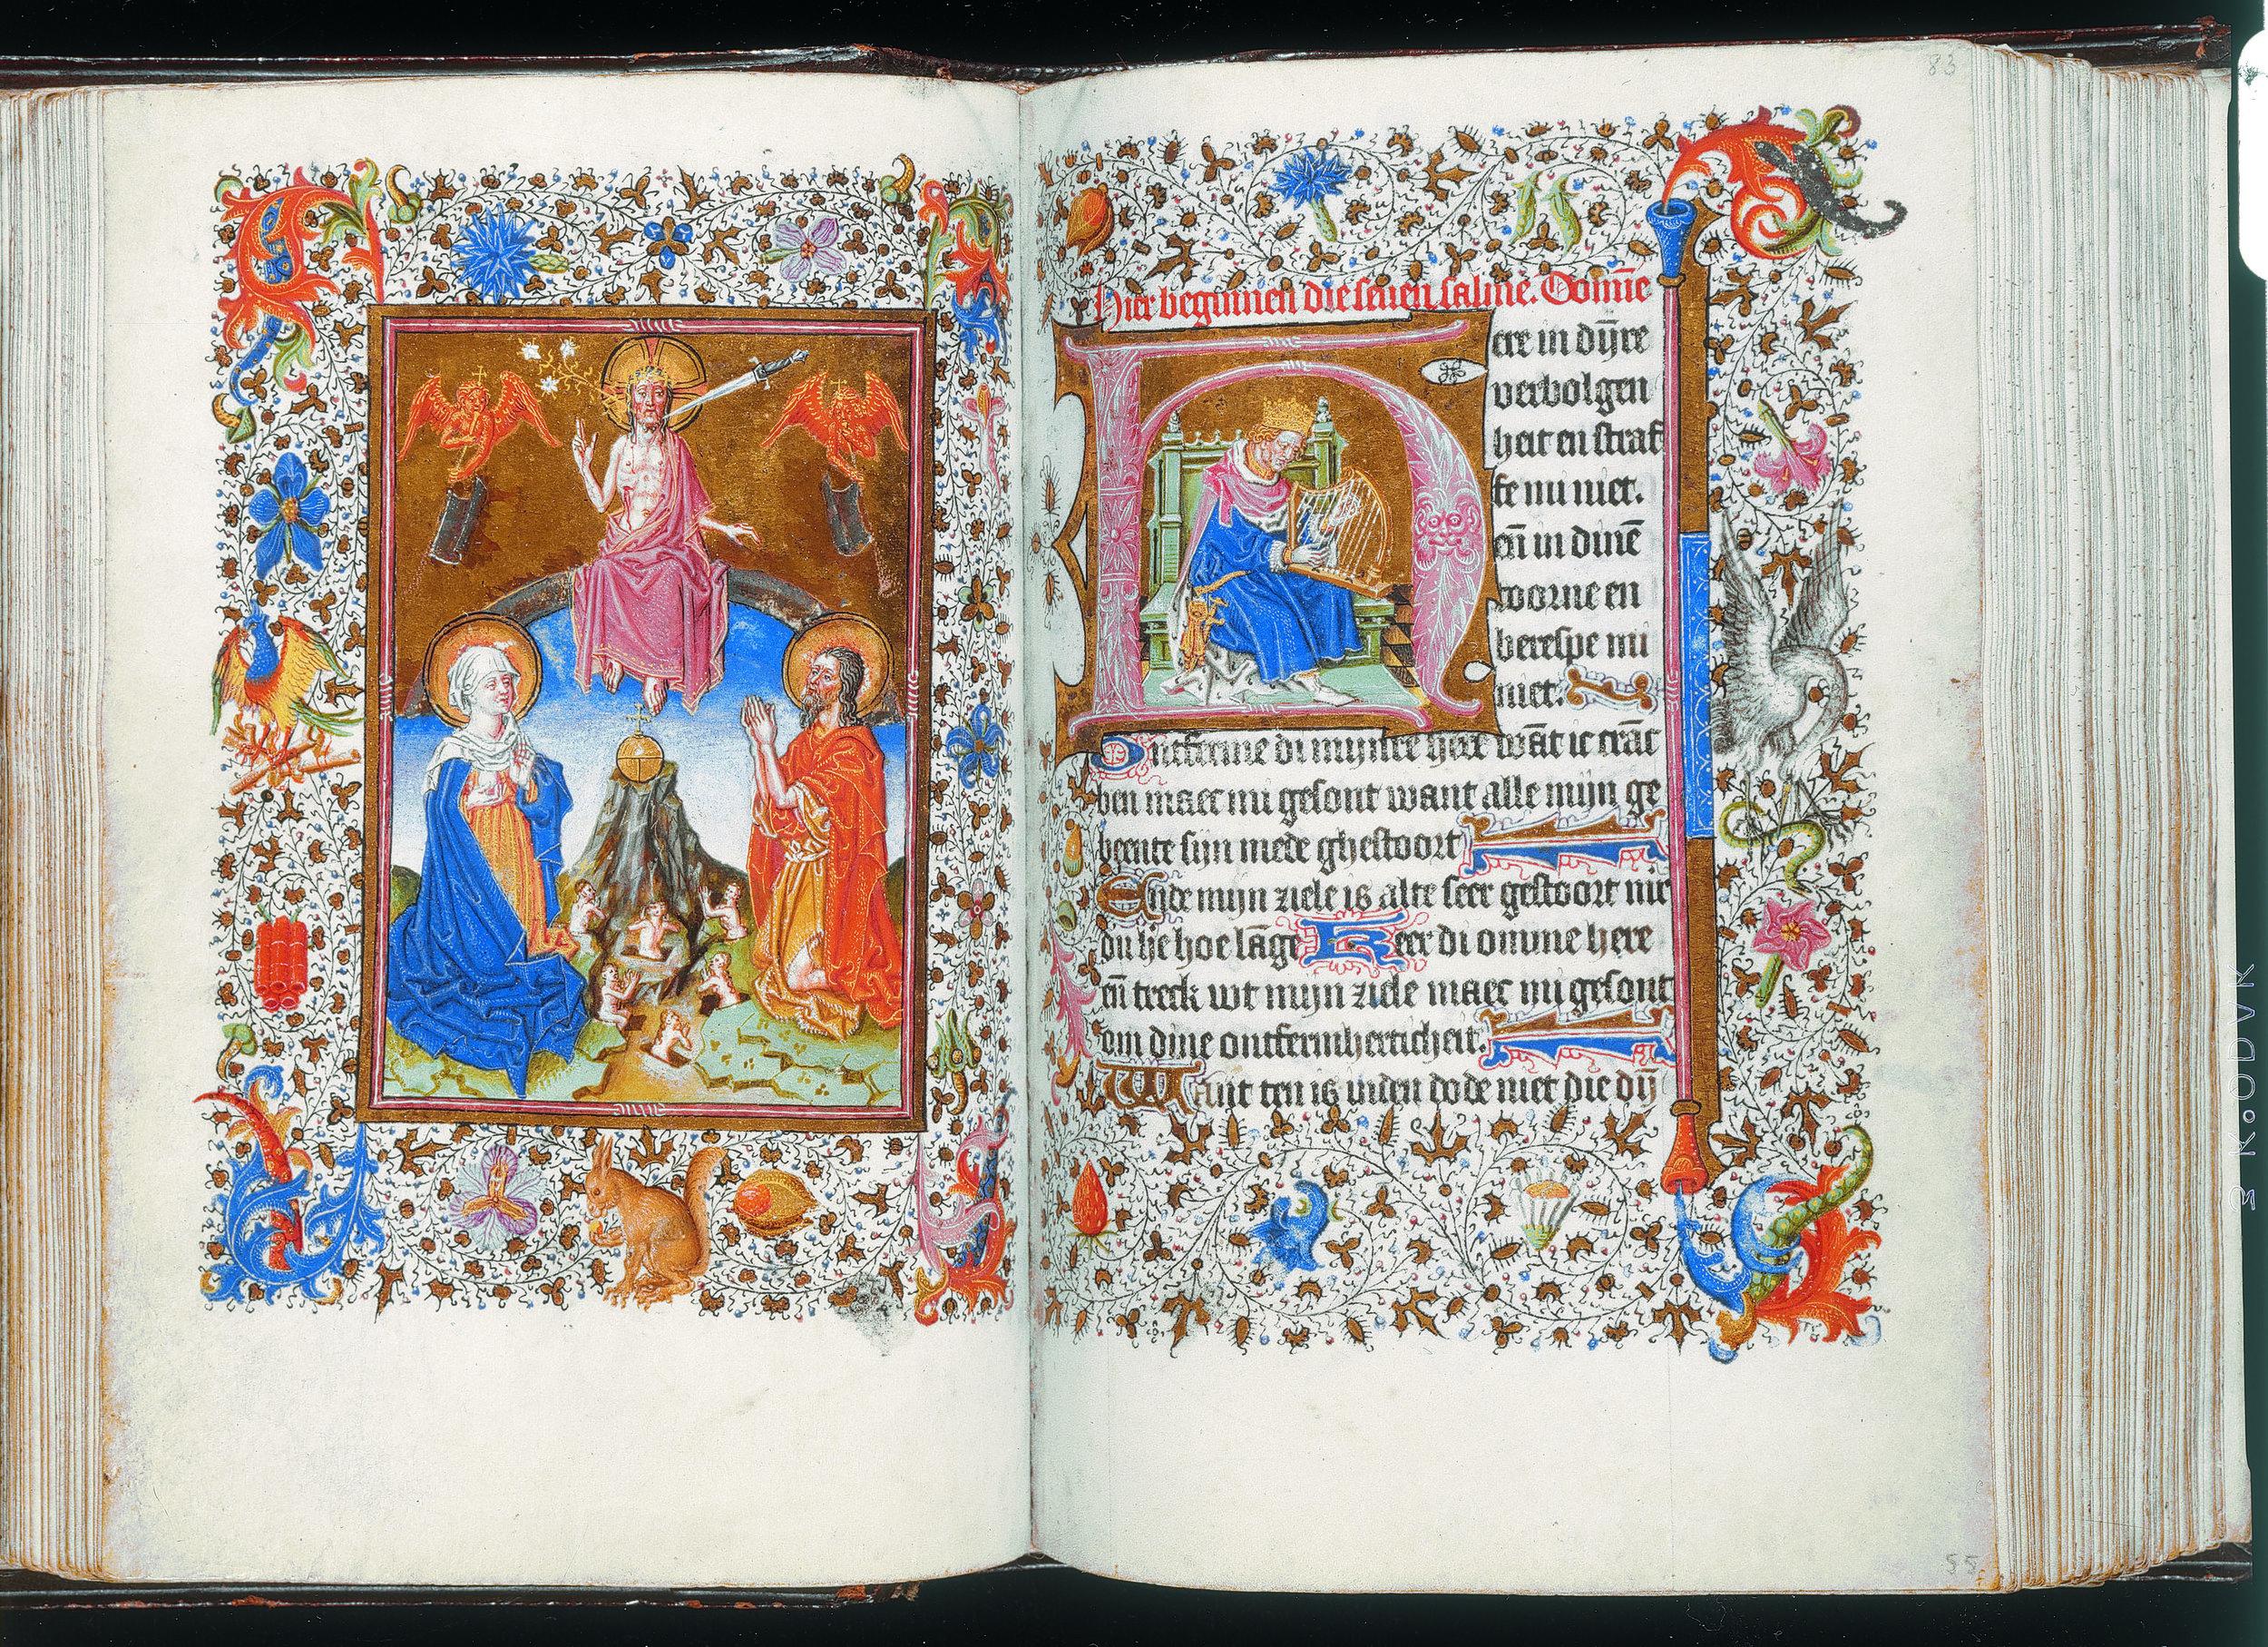 Getijdenboek (handschrift, Utrecht, ca. 1460)